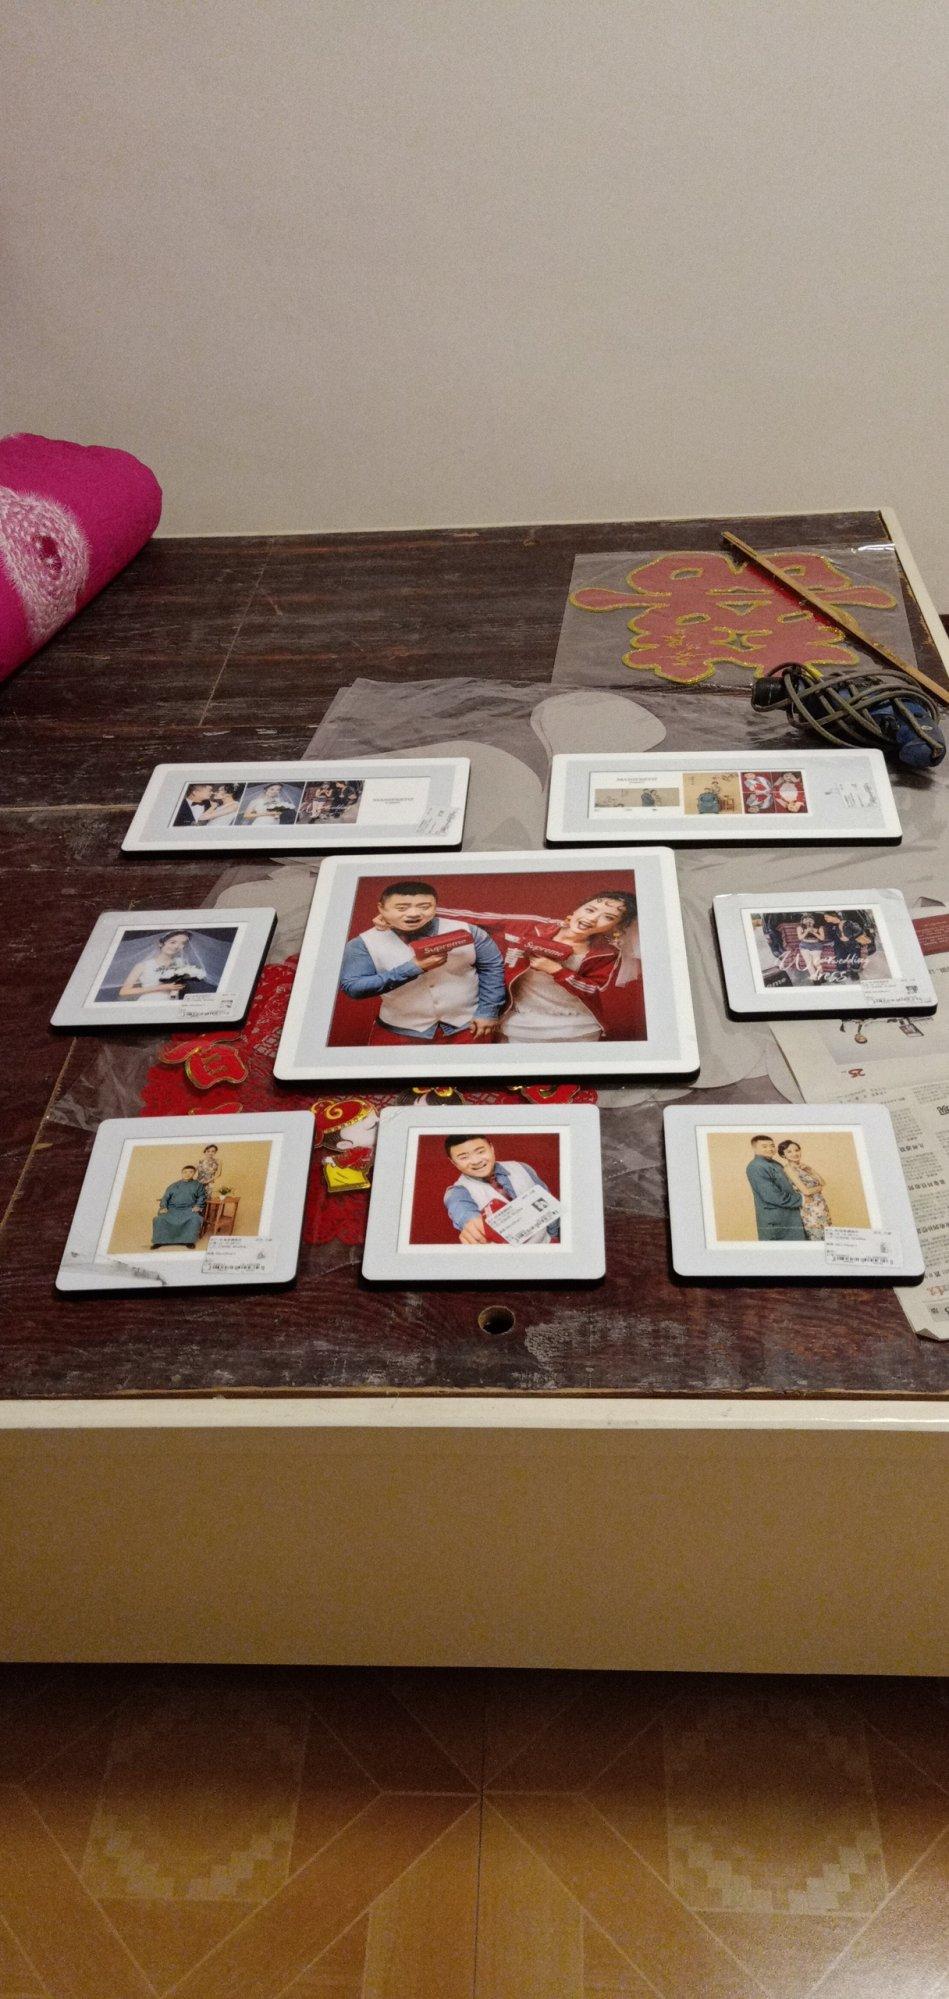 八张照片墙该怎么设计